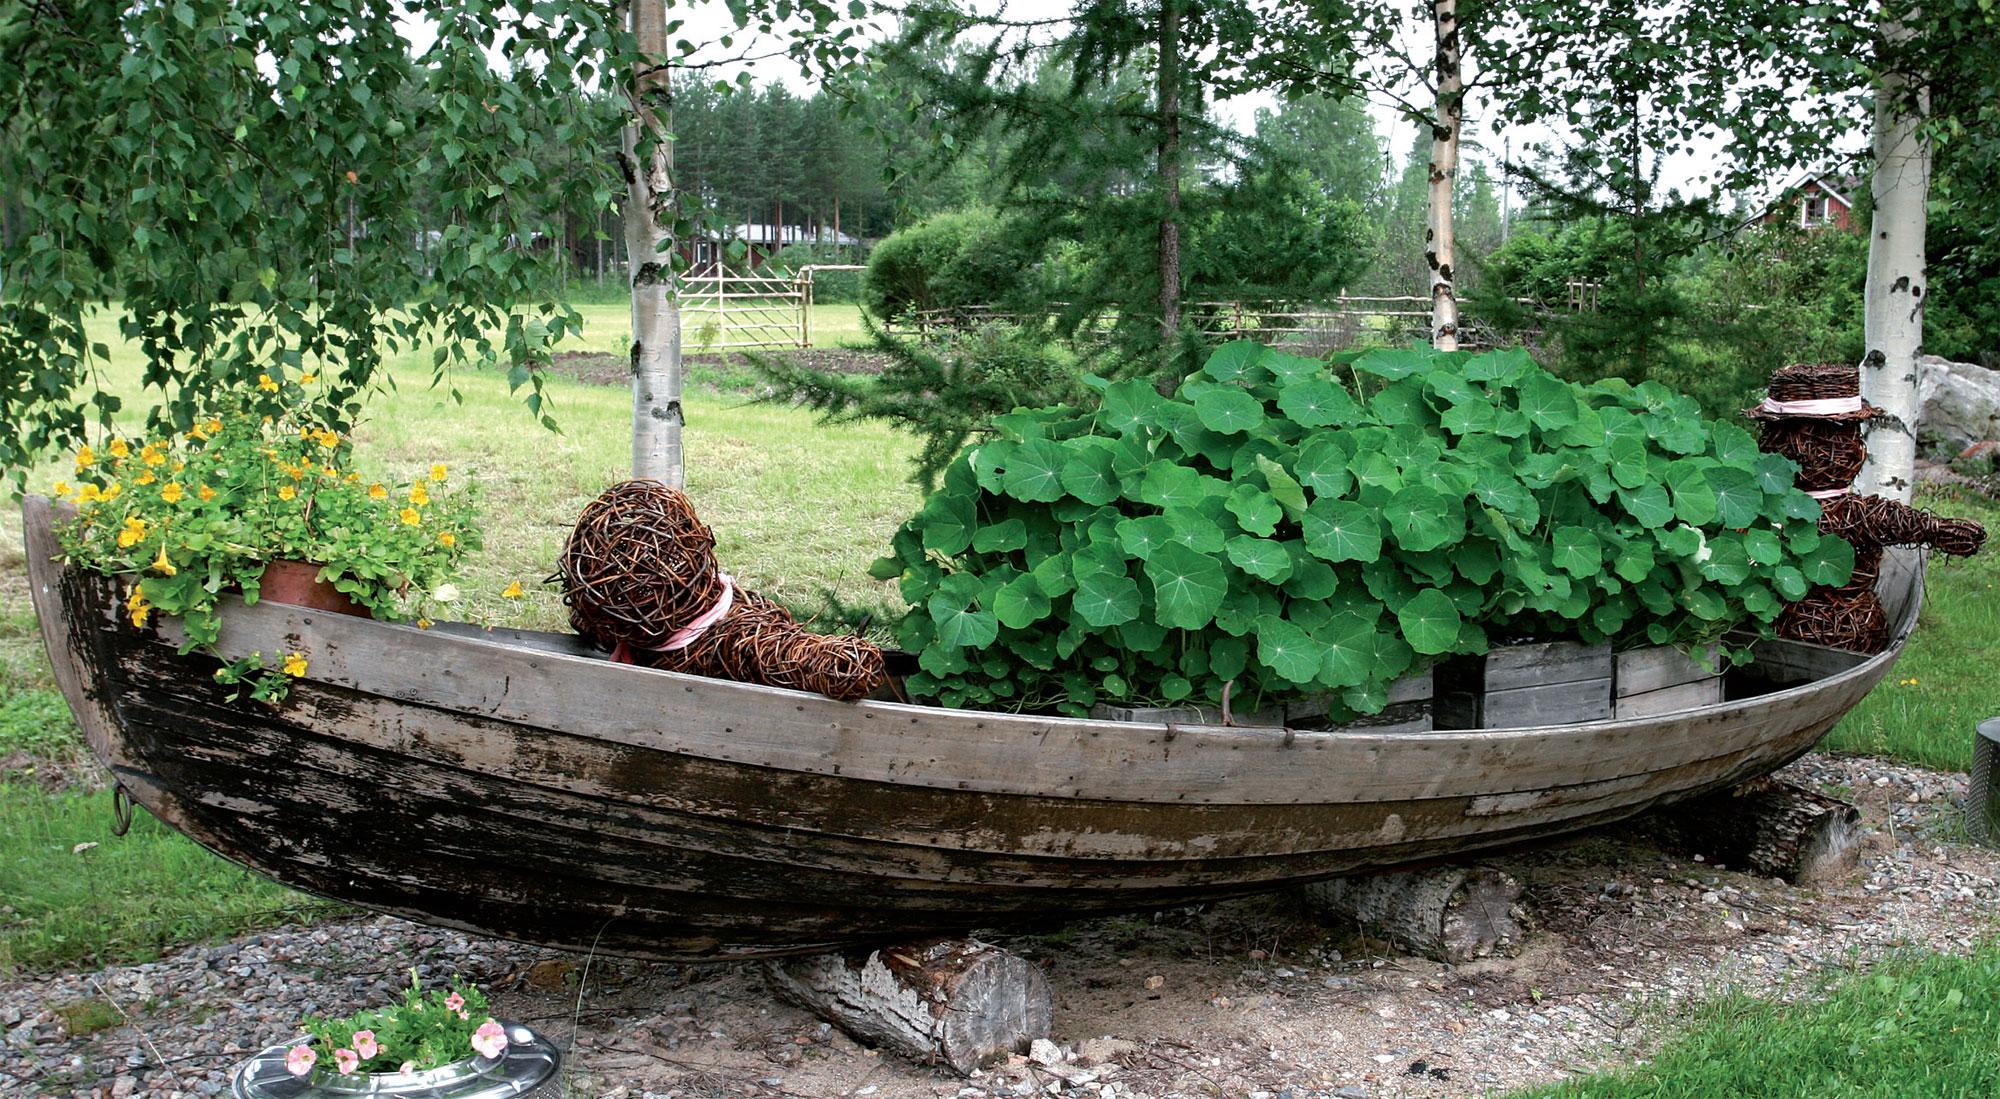 Veneen hiljainen pajupariskunta jättää krassikuorman päämäärän arvoitukseksi.